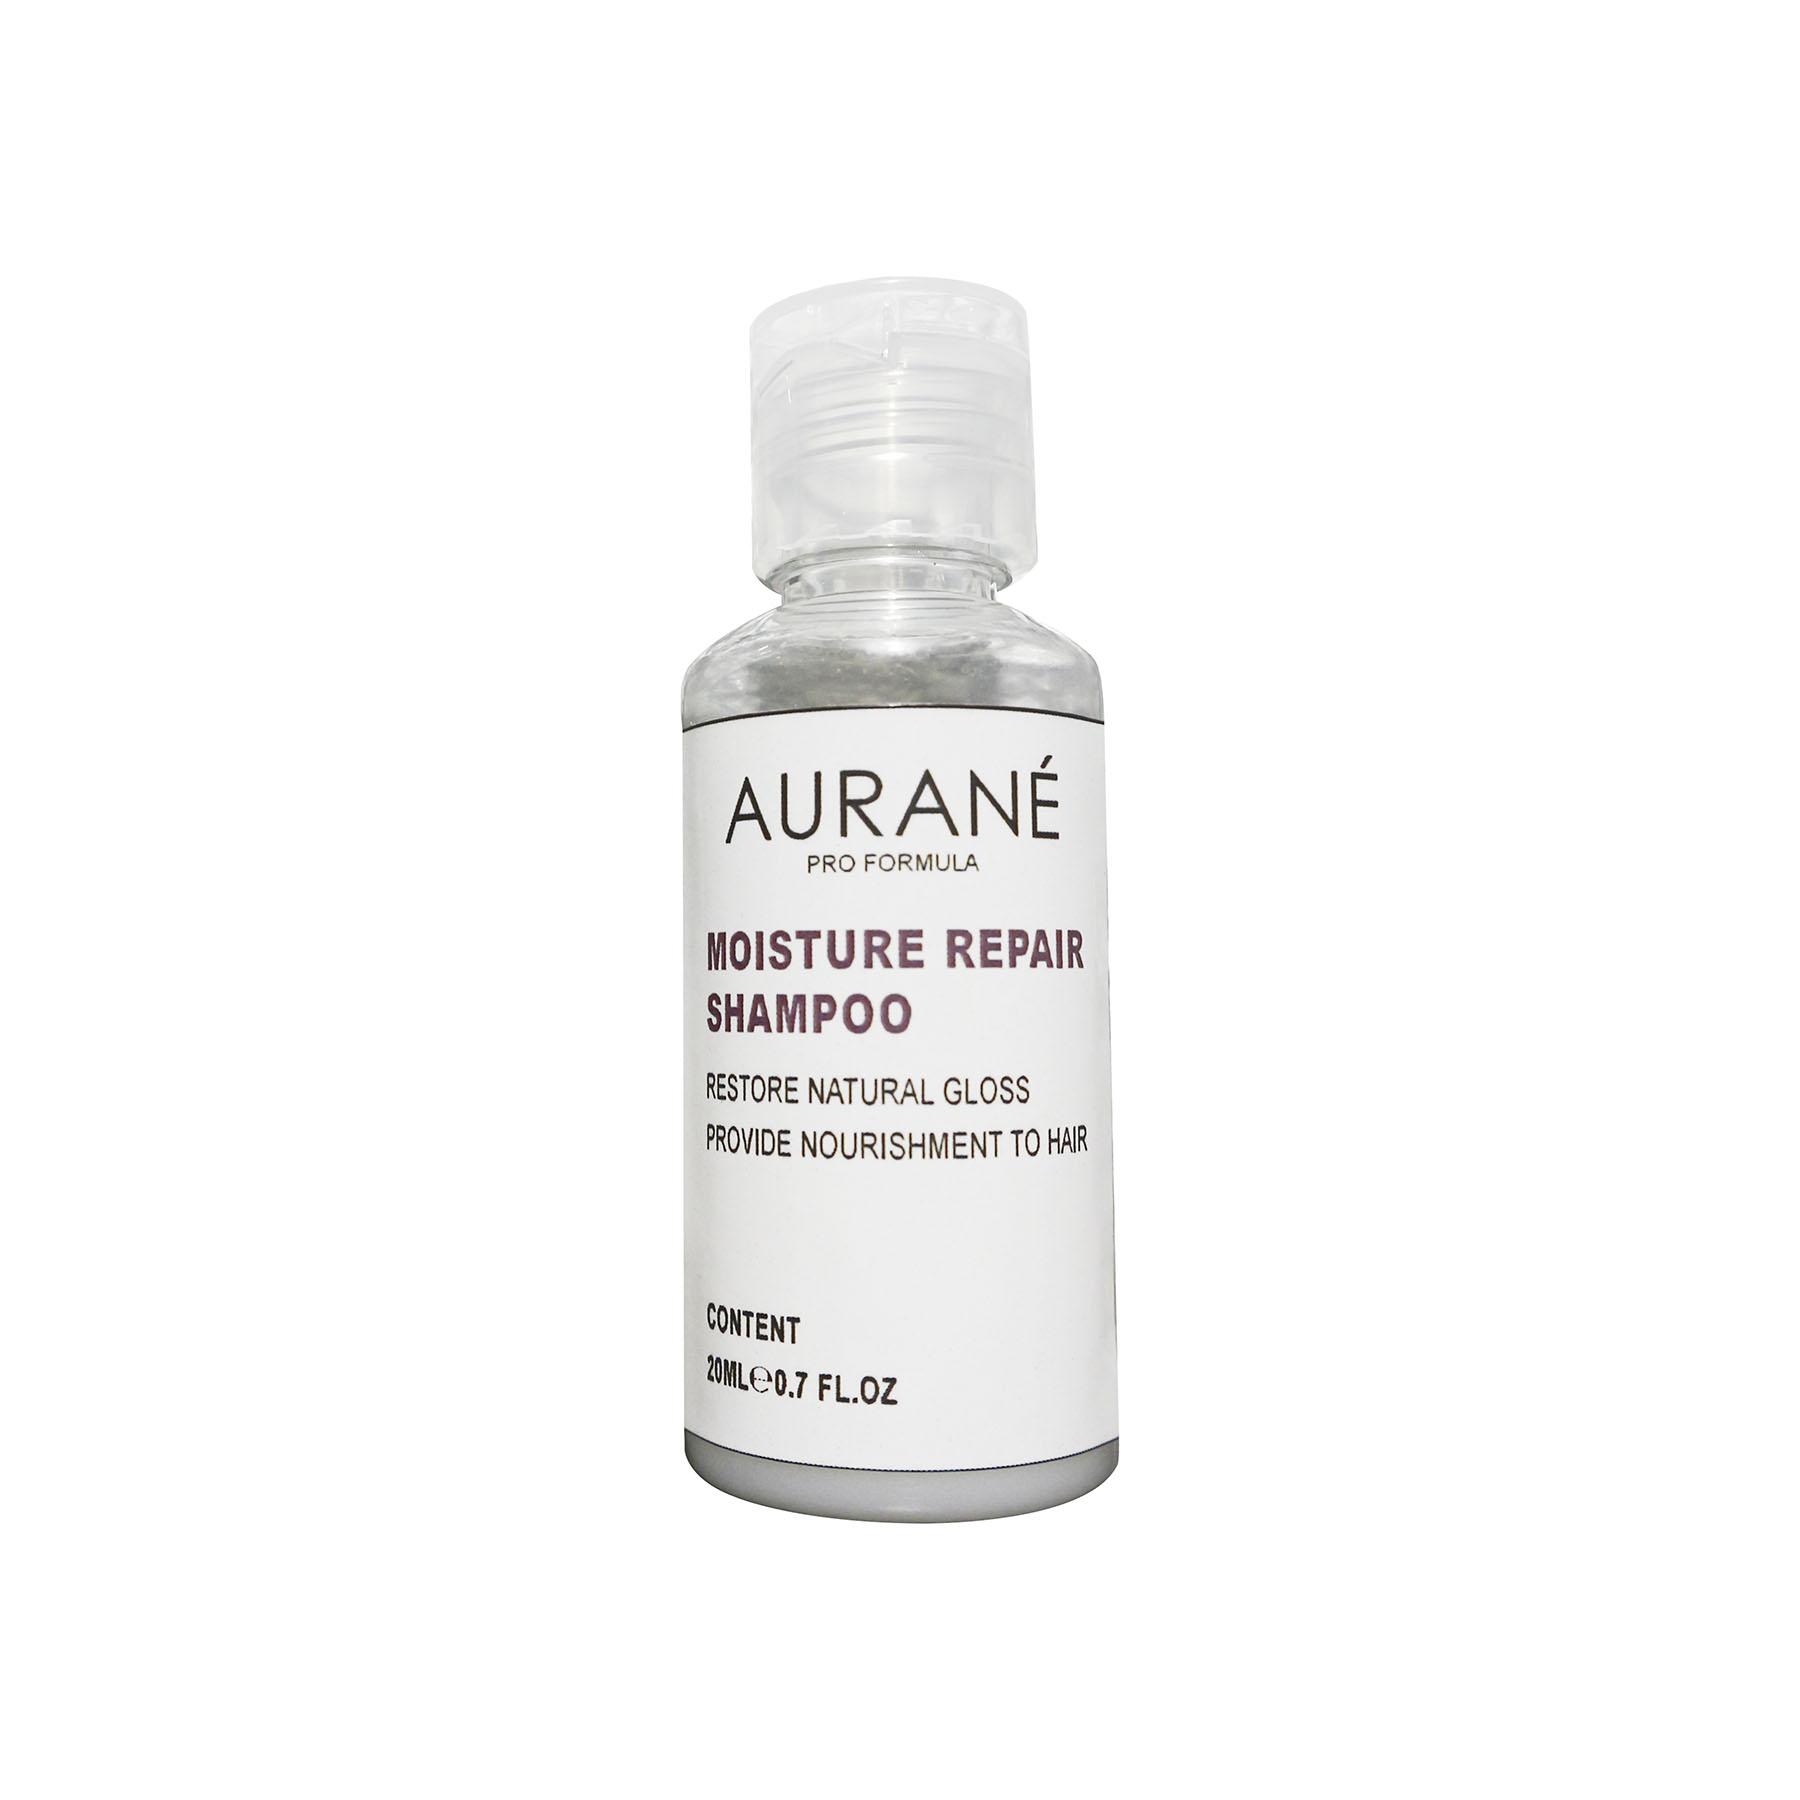 dau-goi-moisture-repair-dau-xa-balancing-aurane-30ml-02